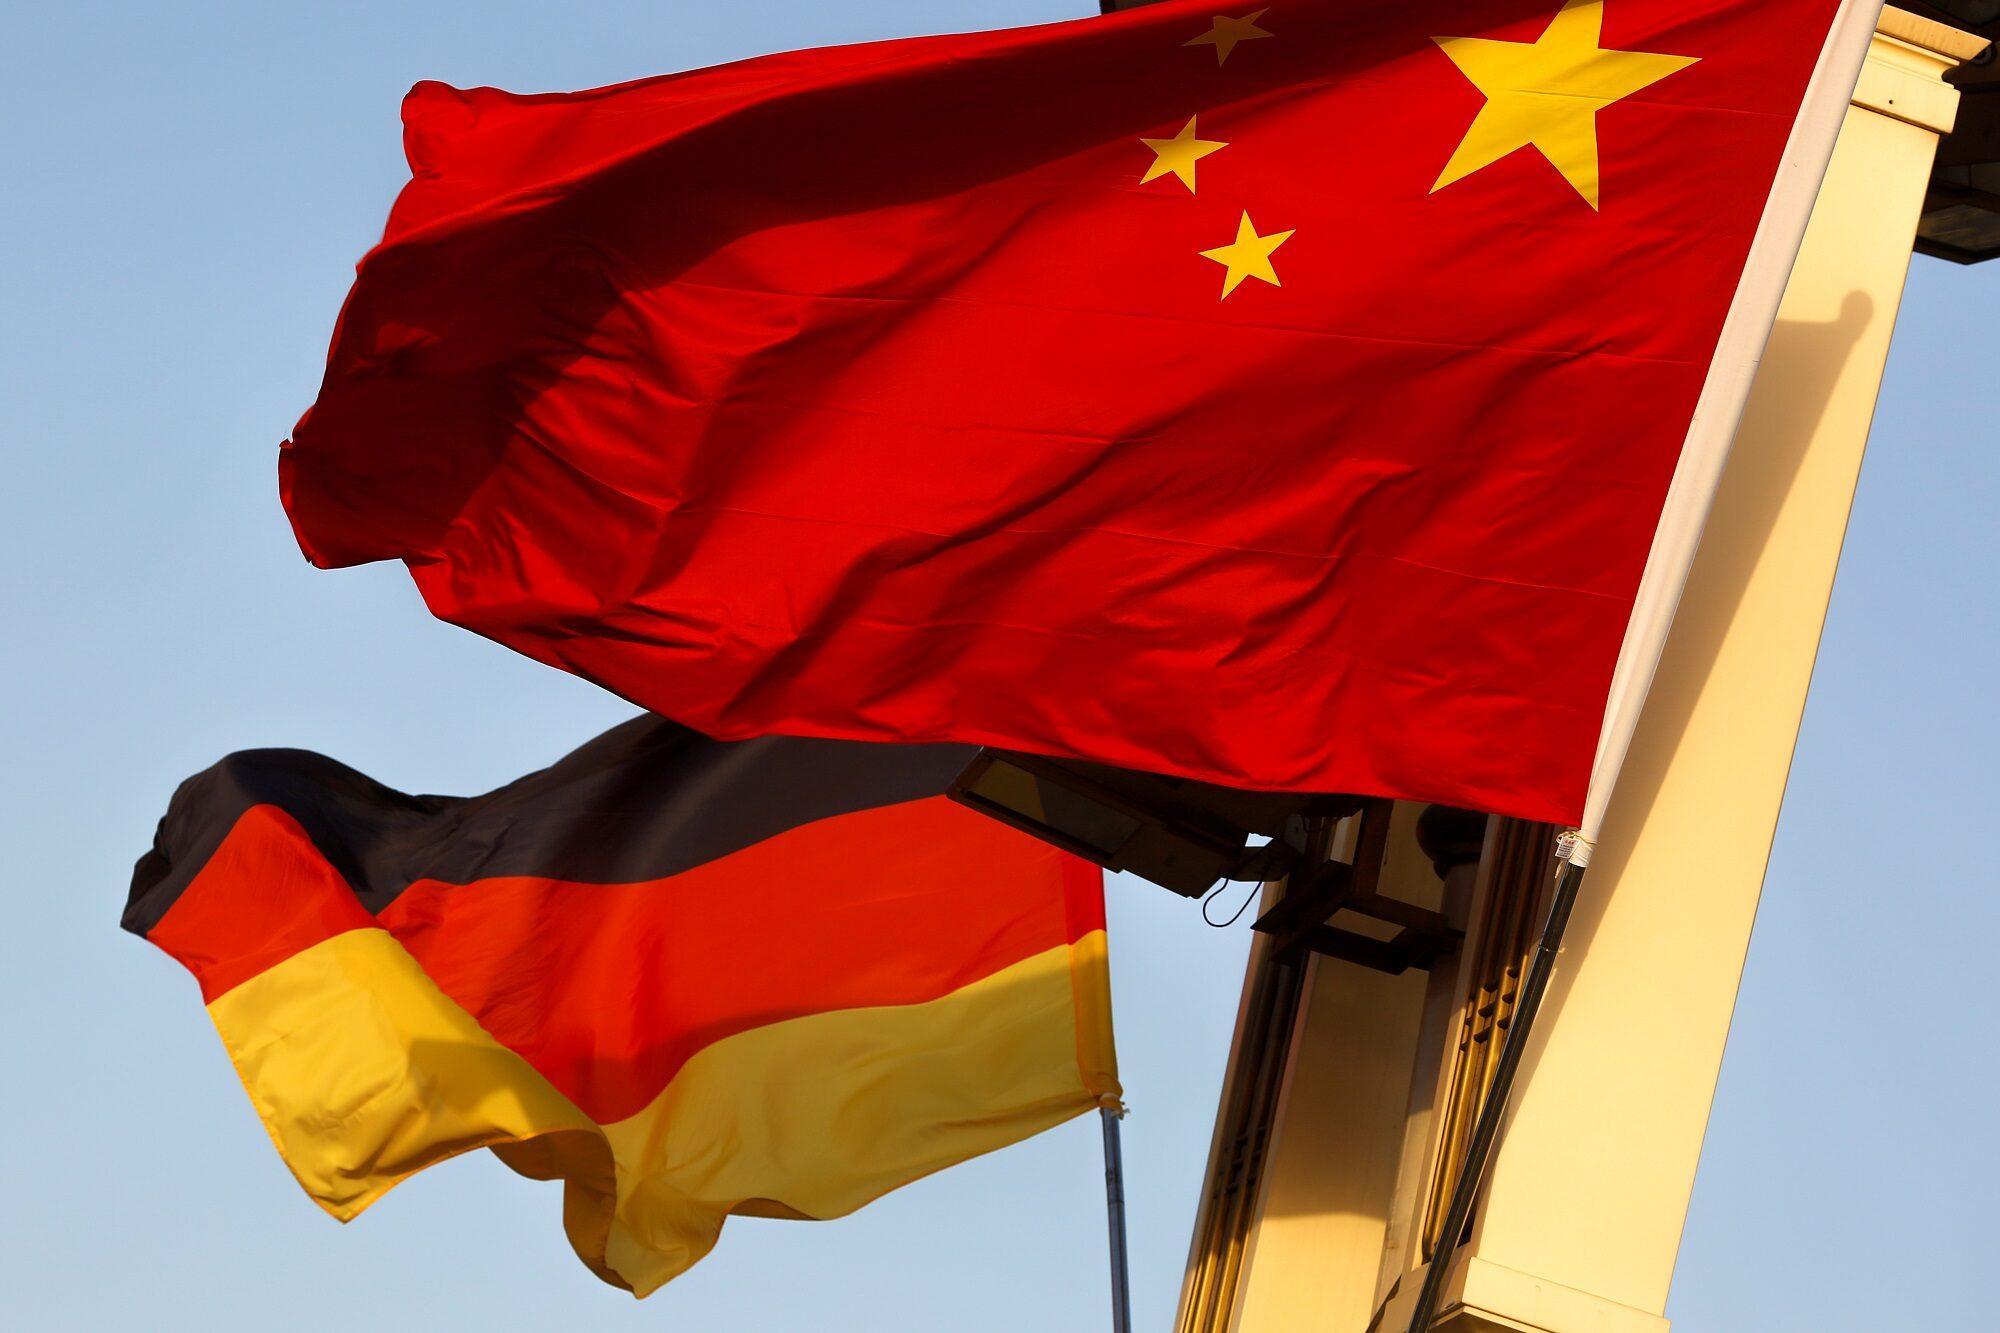 เยอรมันส่งเรือรบไปทะเลจีนใต้ครั้งแรกในรอบ 20 ปี